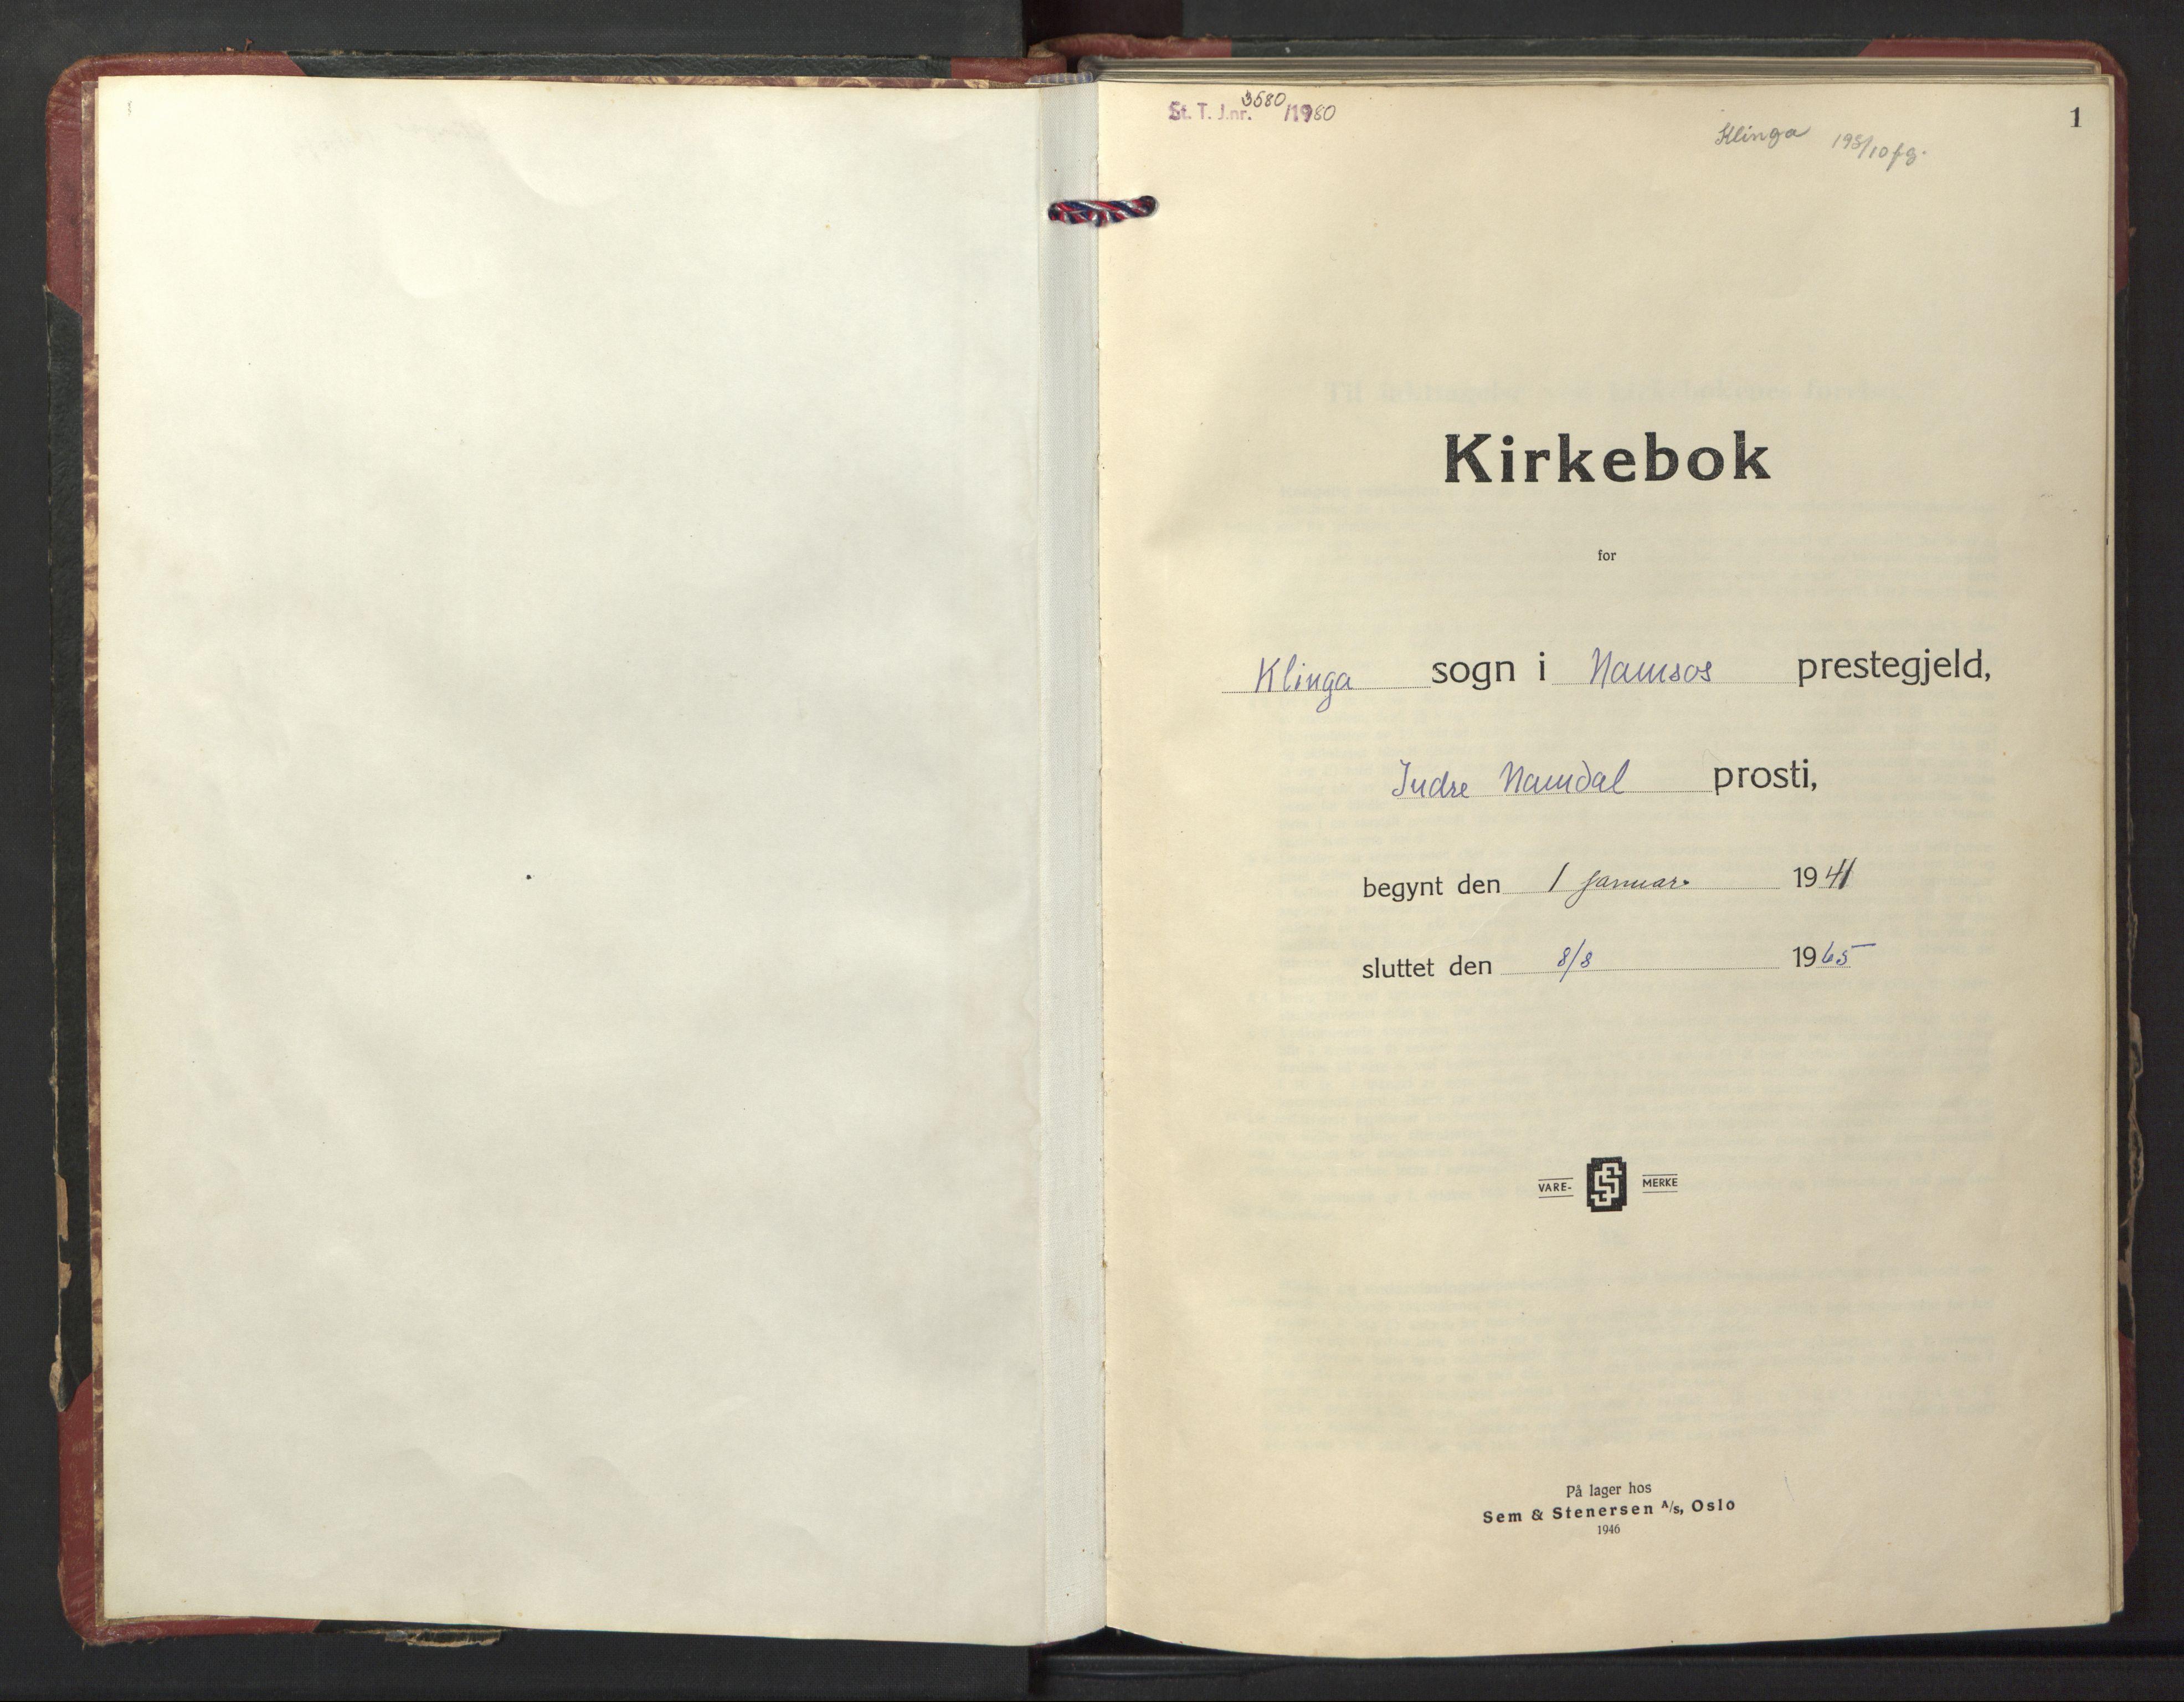 SAT, Ministerialprotokoller, klokkerbøker og fødselsregistre - Nord-Trøndelag, 770/L0592: Klokkerbok nr. 770C03, 1941-1950, s. 1